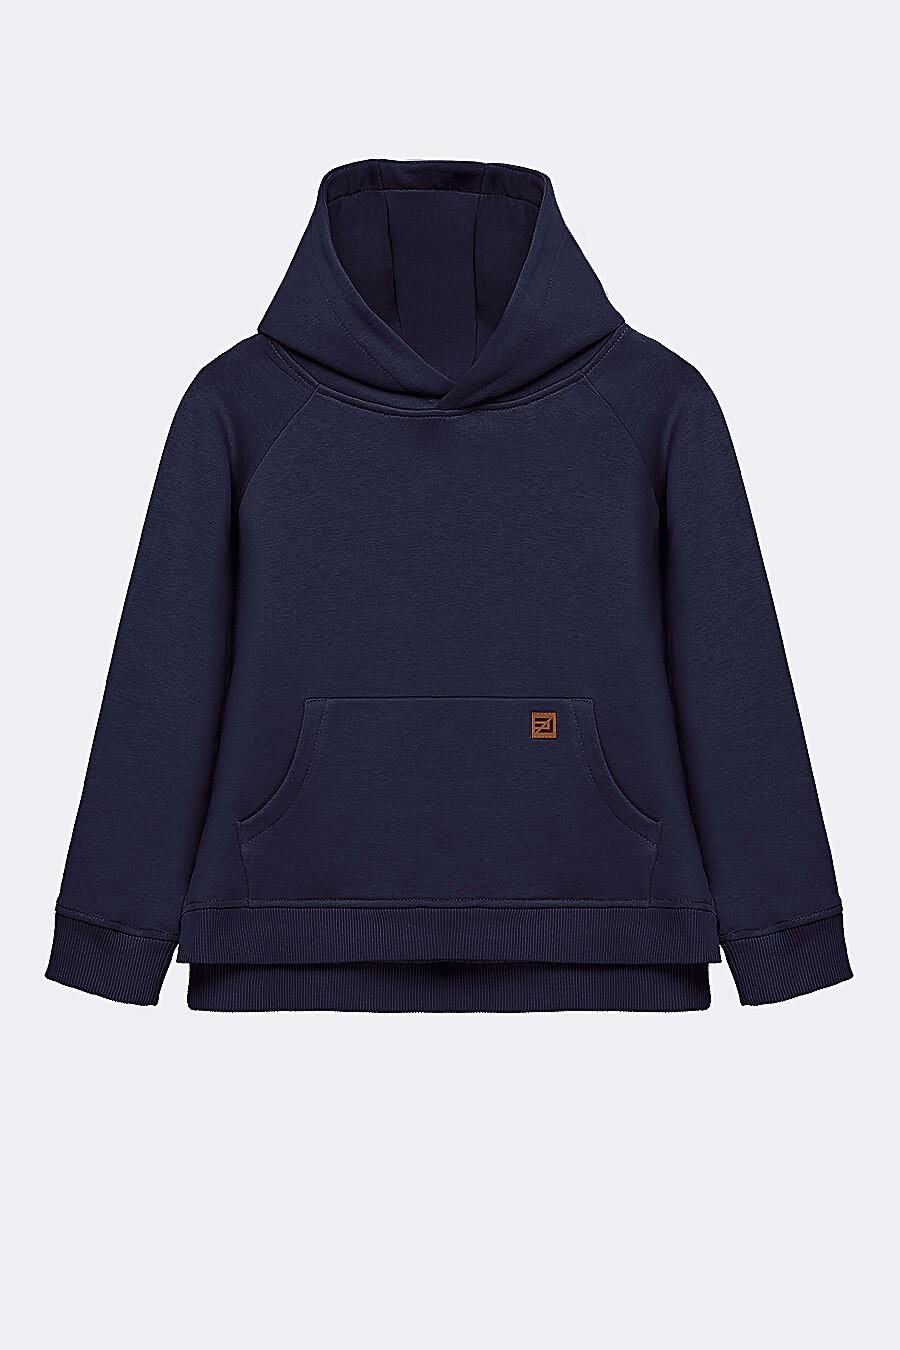 Костюм(Худи+Брюки) для мальчиков EZANNA 682548 купить оптом от производителя. Совместная покупка детской одежды в OptMoyo